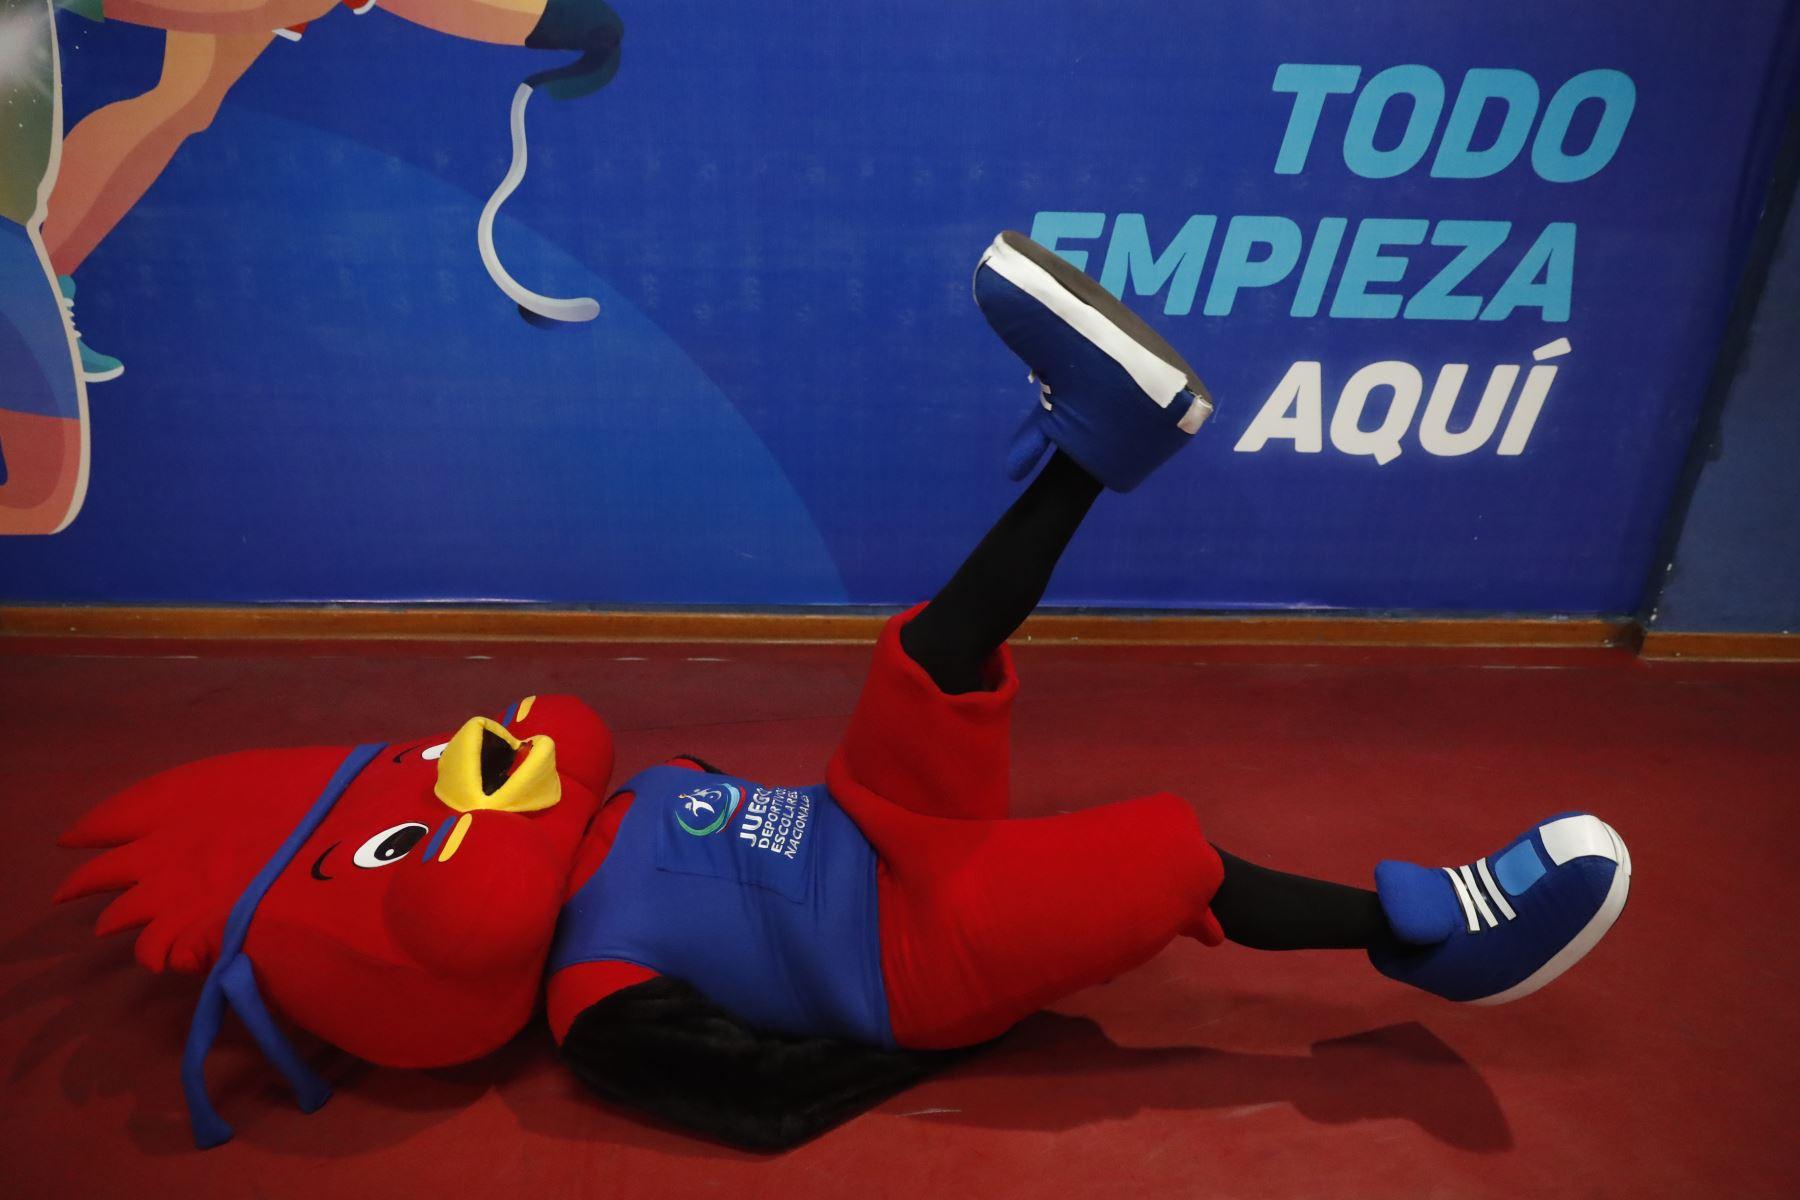 Rafito, mascota oficial de los Juegos Escolares Nacionales 2019 se roba en show durante los encuentros de Tenis de Mesa que se desarrolla en Estadio Nacional. Foto: ANDINA/Renato Pajuelo